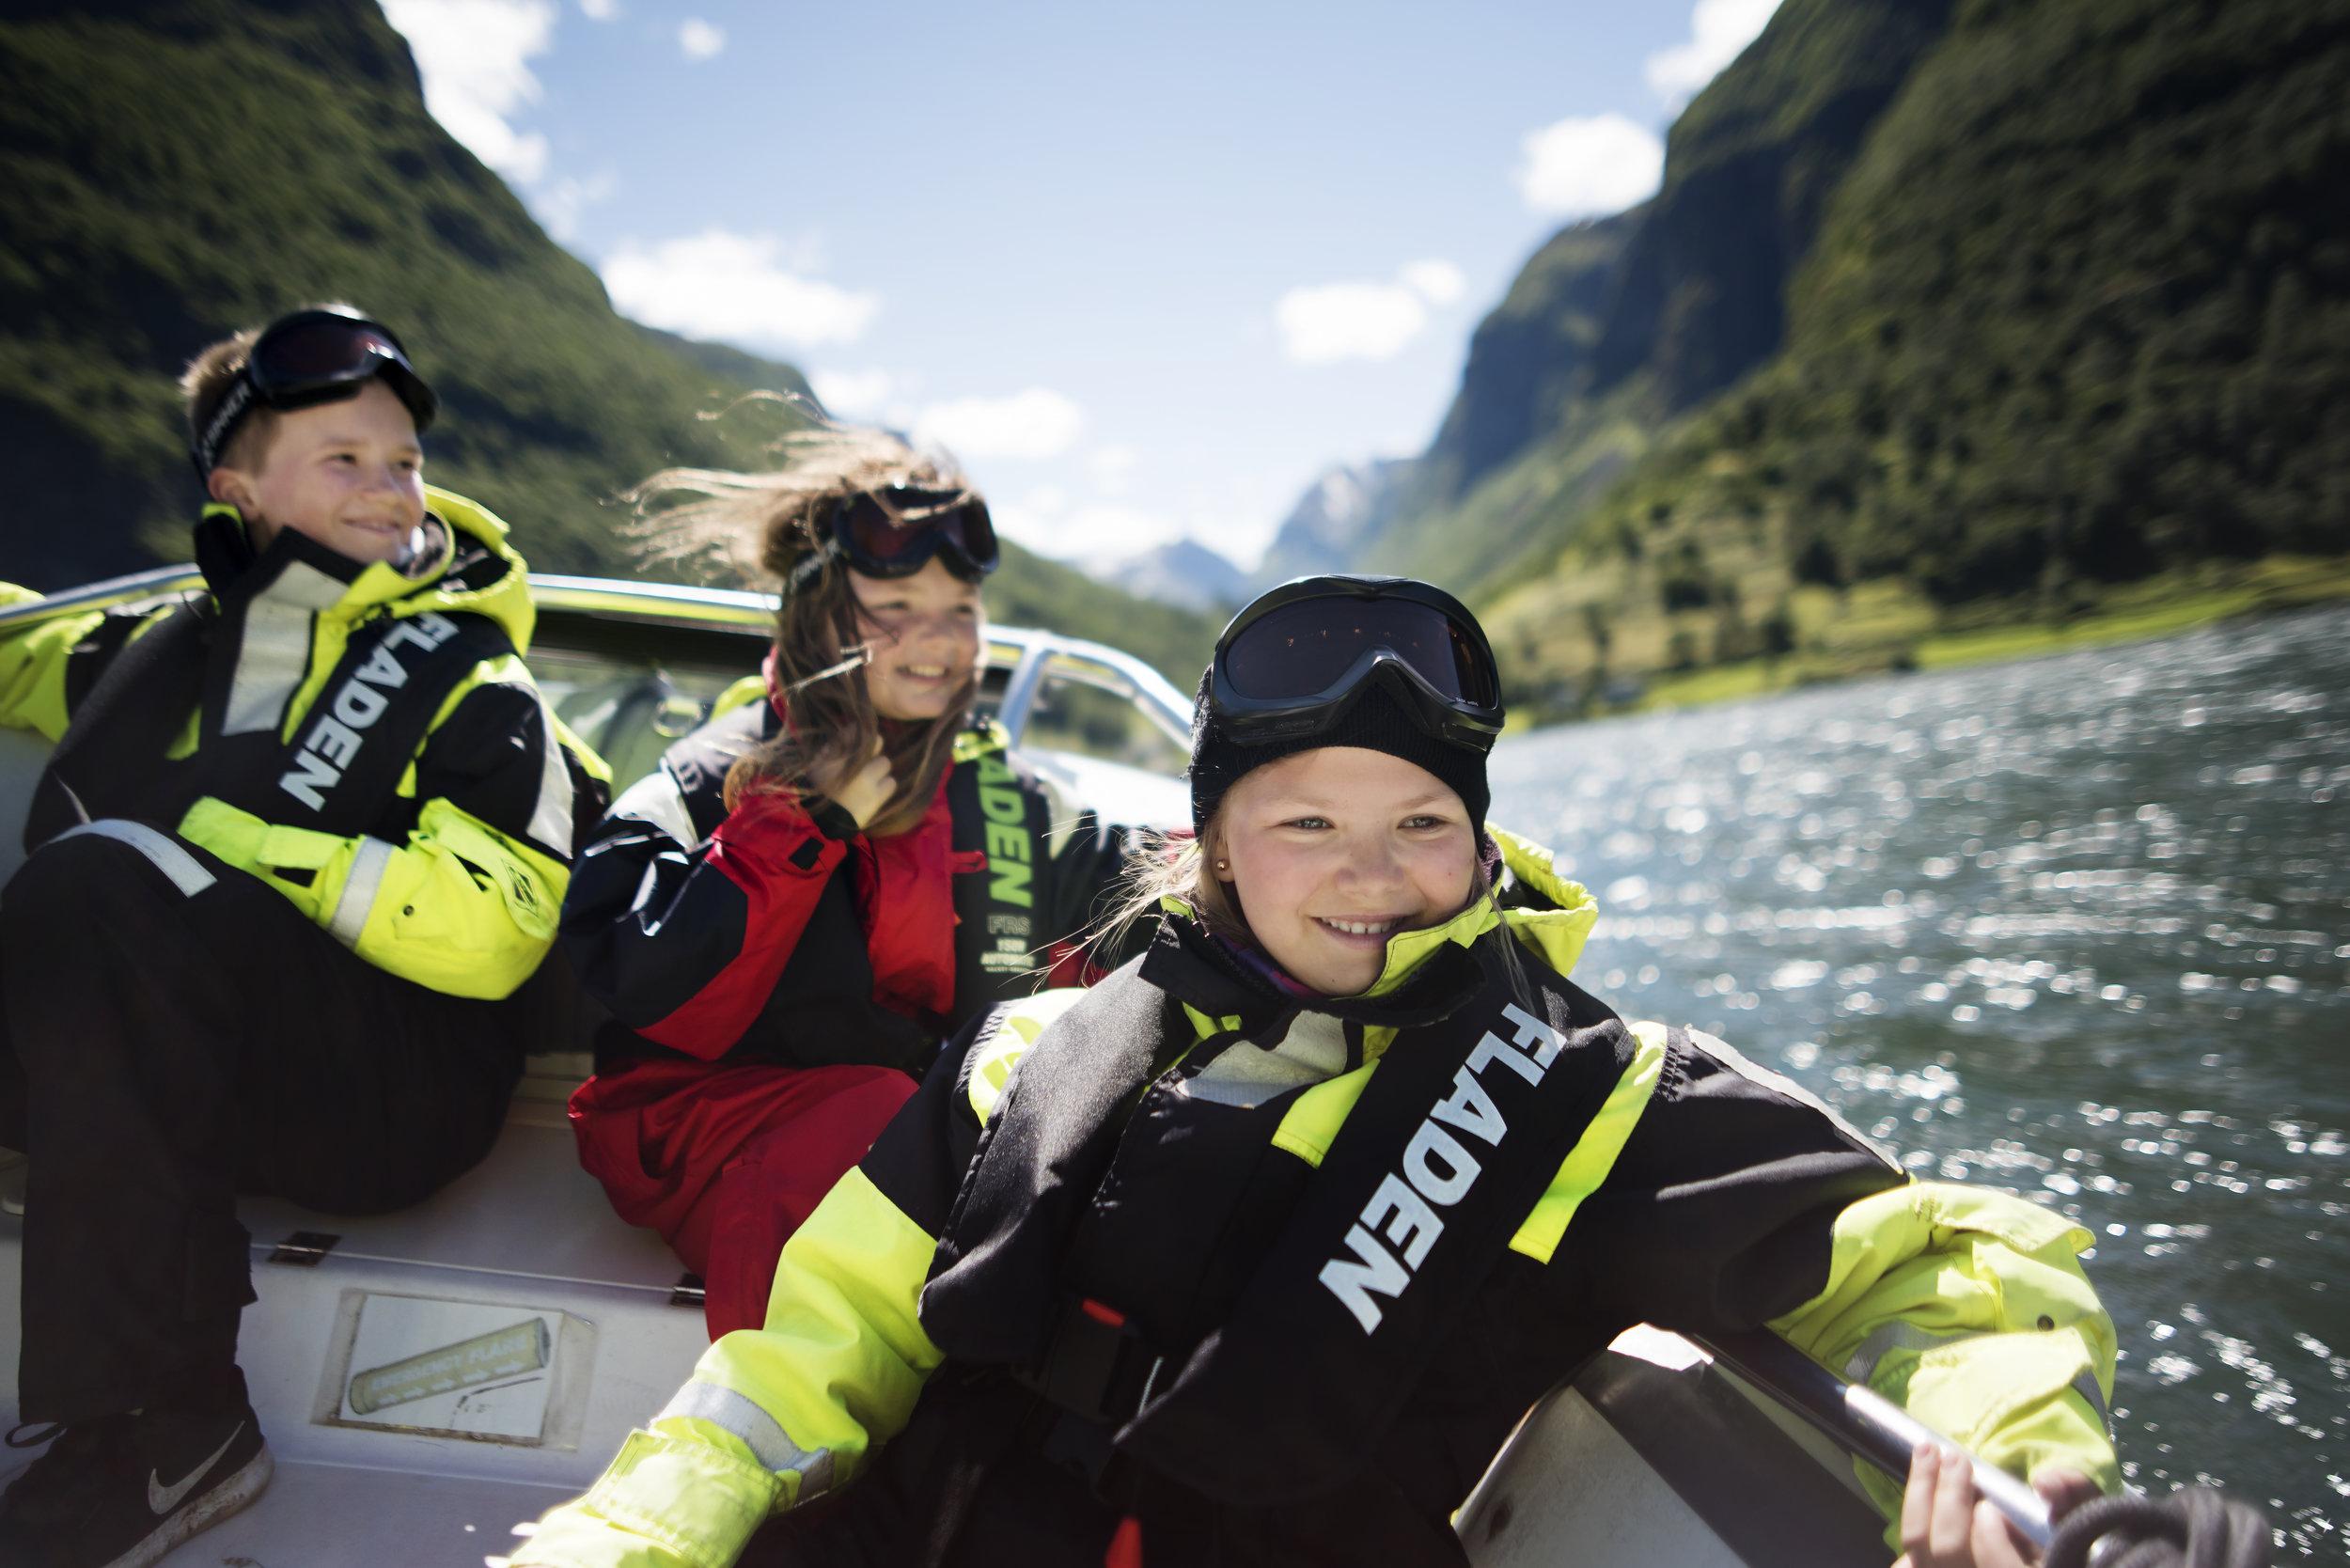 practical information - Time/period: 2 hours and 15 min. (Flåm - Gudvangen - Flåm)1.9.2019 - 30.9.2019: 09:30 – 11:45, 11:00 - 13:10, 12:10 - 14:25, 13.50 -16.05 and 17:10 - 19:25. (Price: Adults NOK 860,- / Children NOK 640,- free for children below 4 years)1.10.2019 - 31.10.2019: 09:30 - 11:45, 12.10 – 14.25, 15.15. – 17.30. (Price: Adults NOK 760,- / Children NOK 560,- free for children below 4 years)